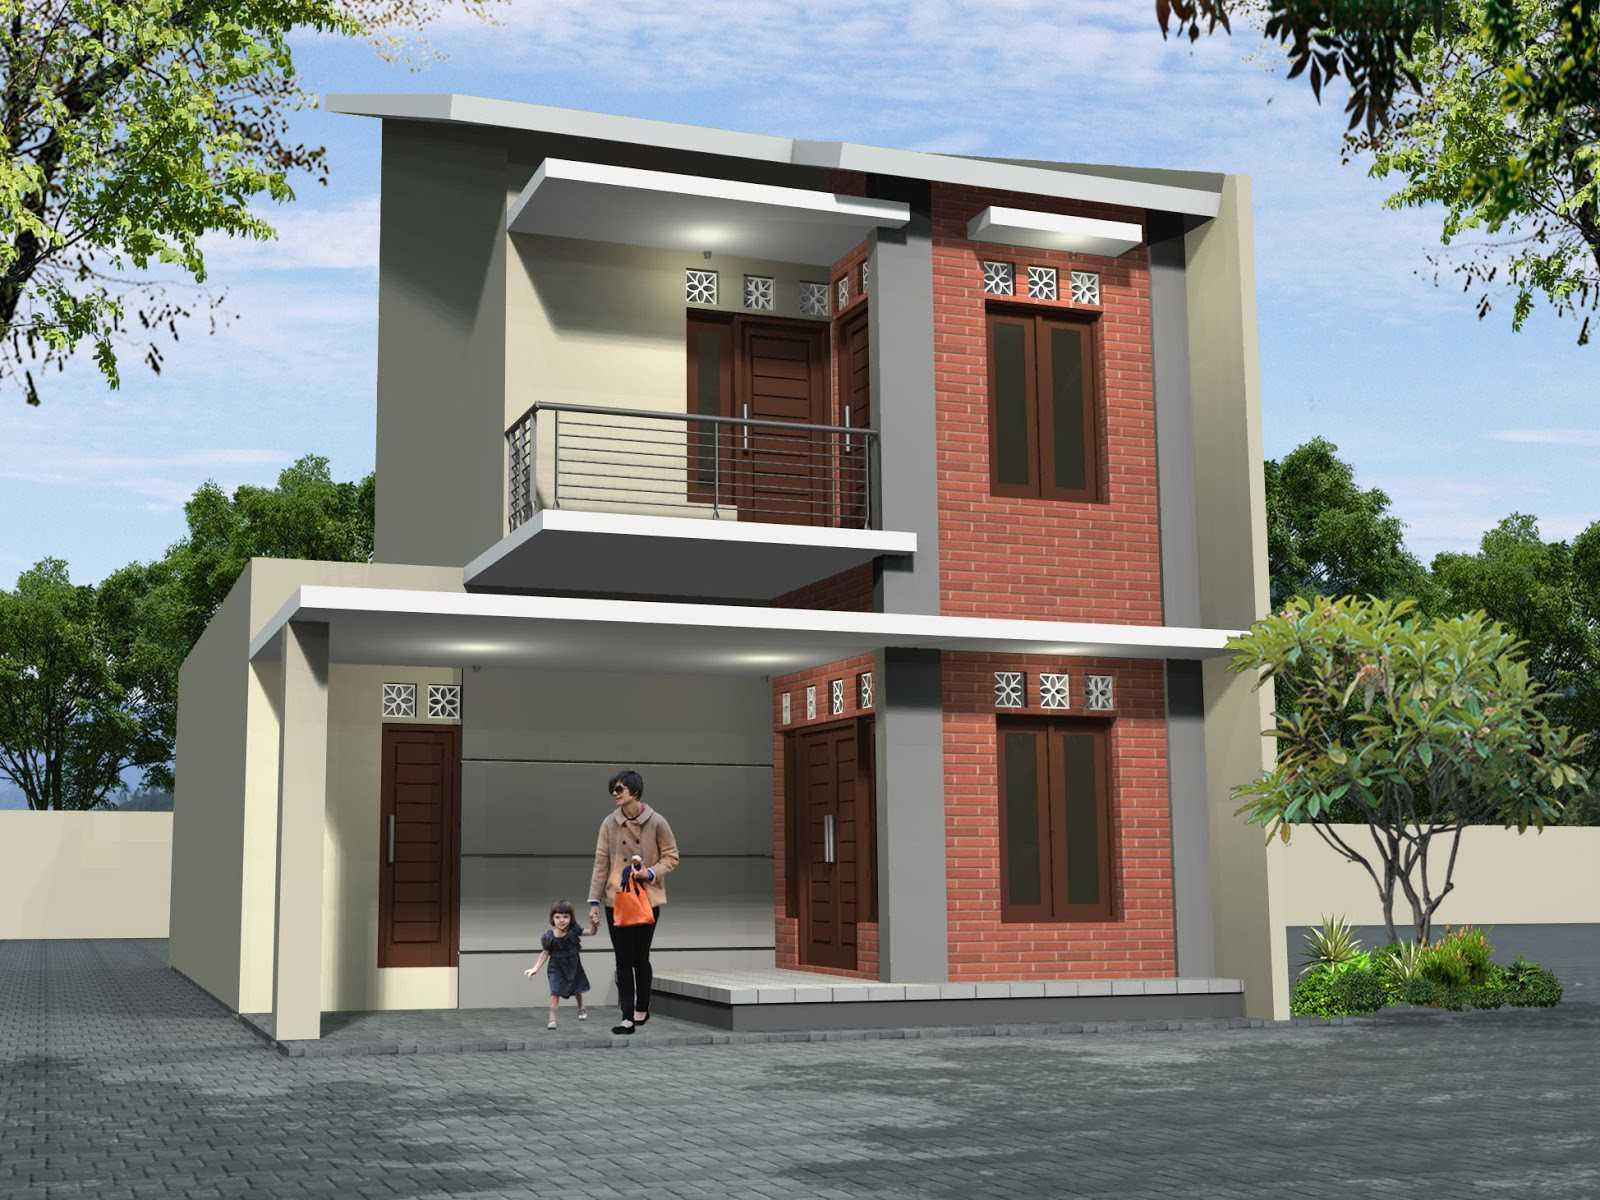 Desain Rumah 2 Lantai Sederhana dengan Paduan Cat Warna Merah dan Putih Minimalis